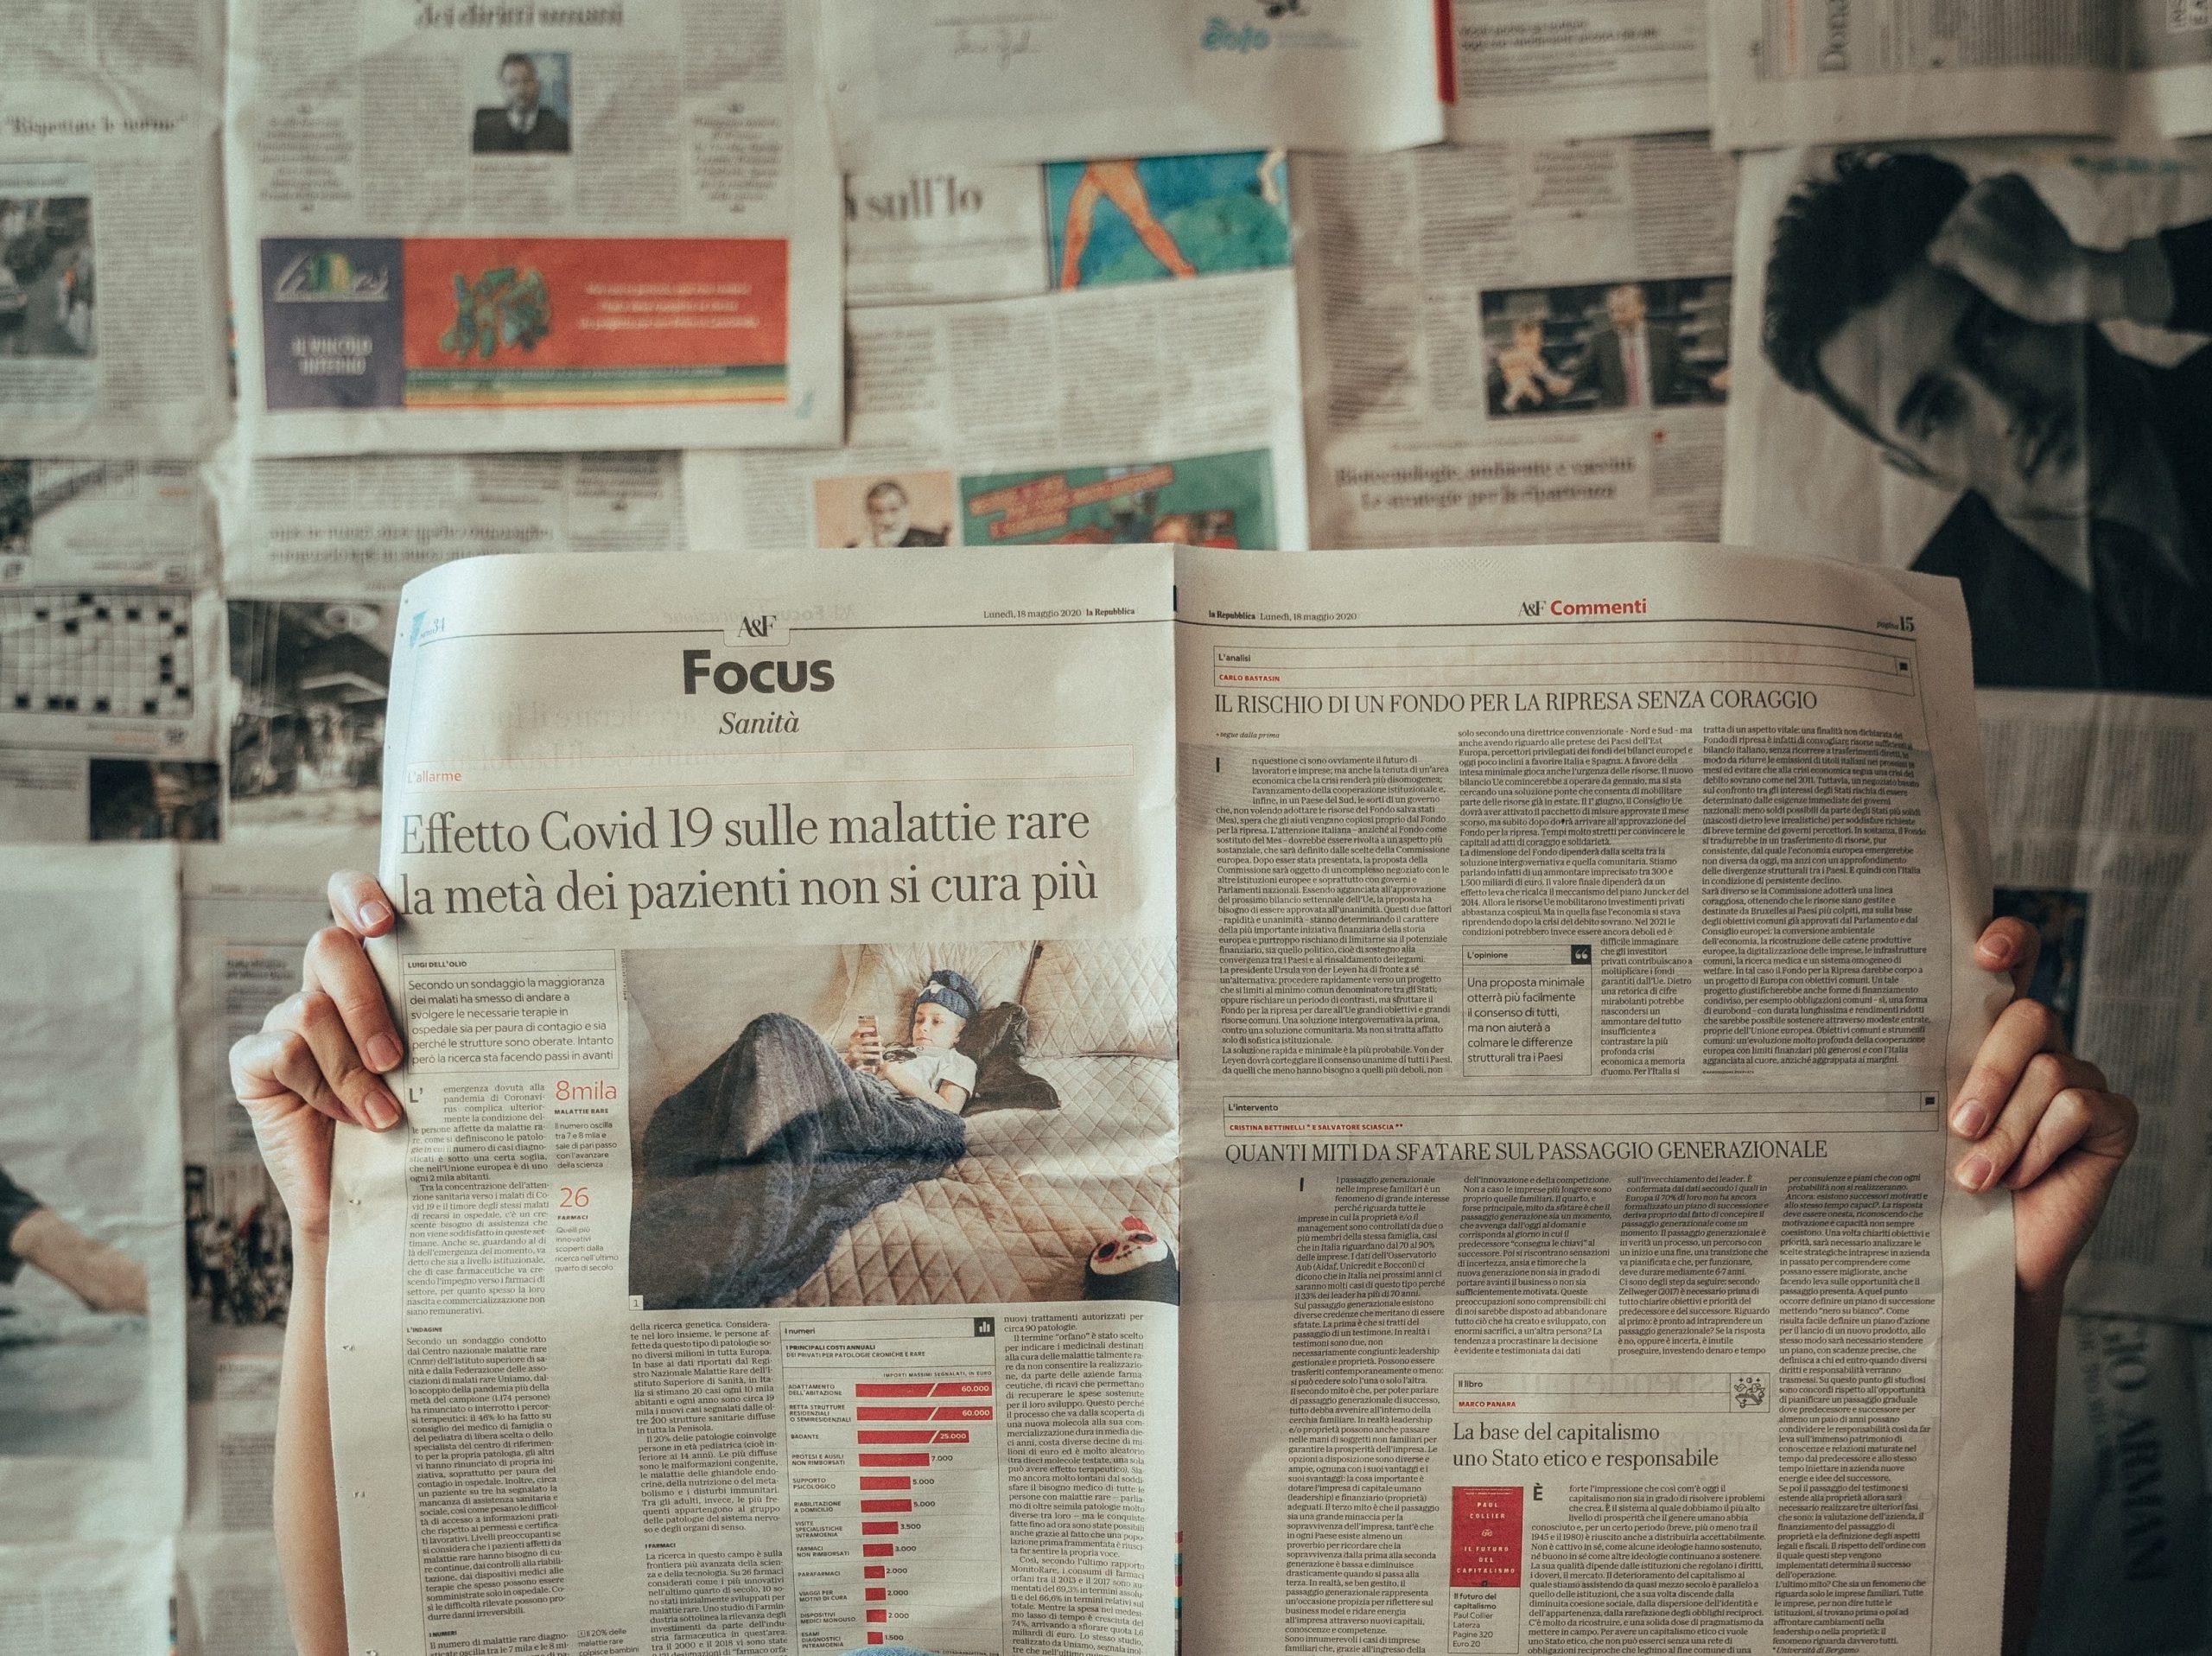 Un carcerato che legge un giornale.